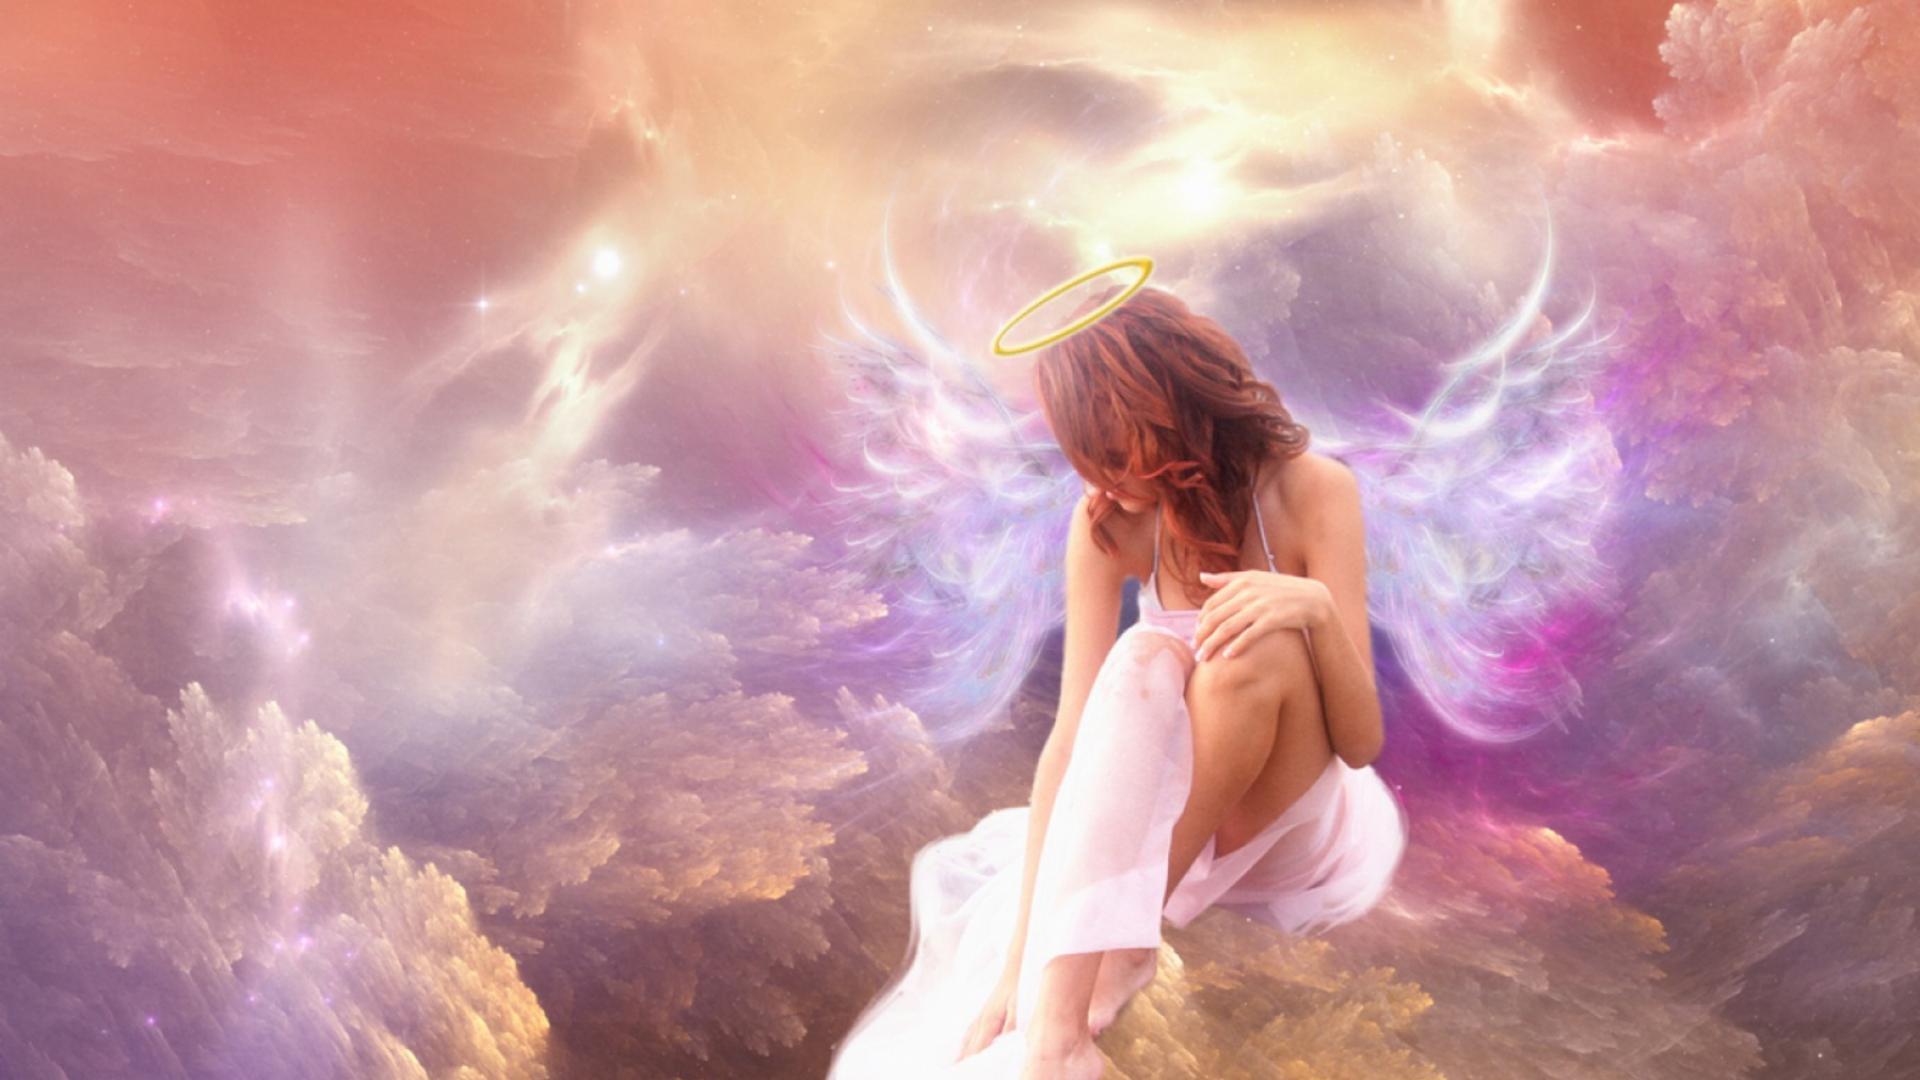 представляли картинки ангельский хорошем качестве круглых